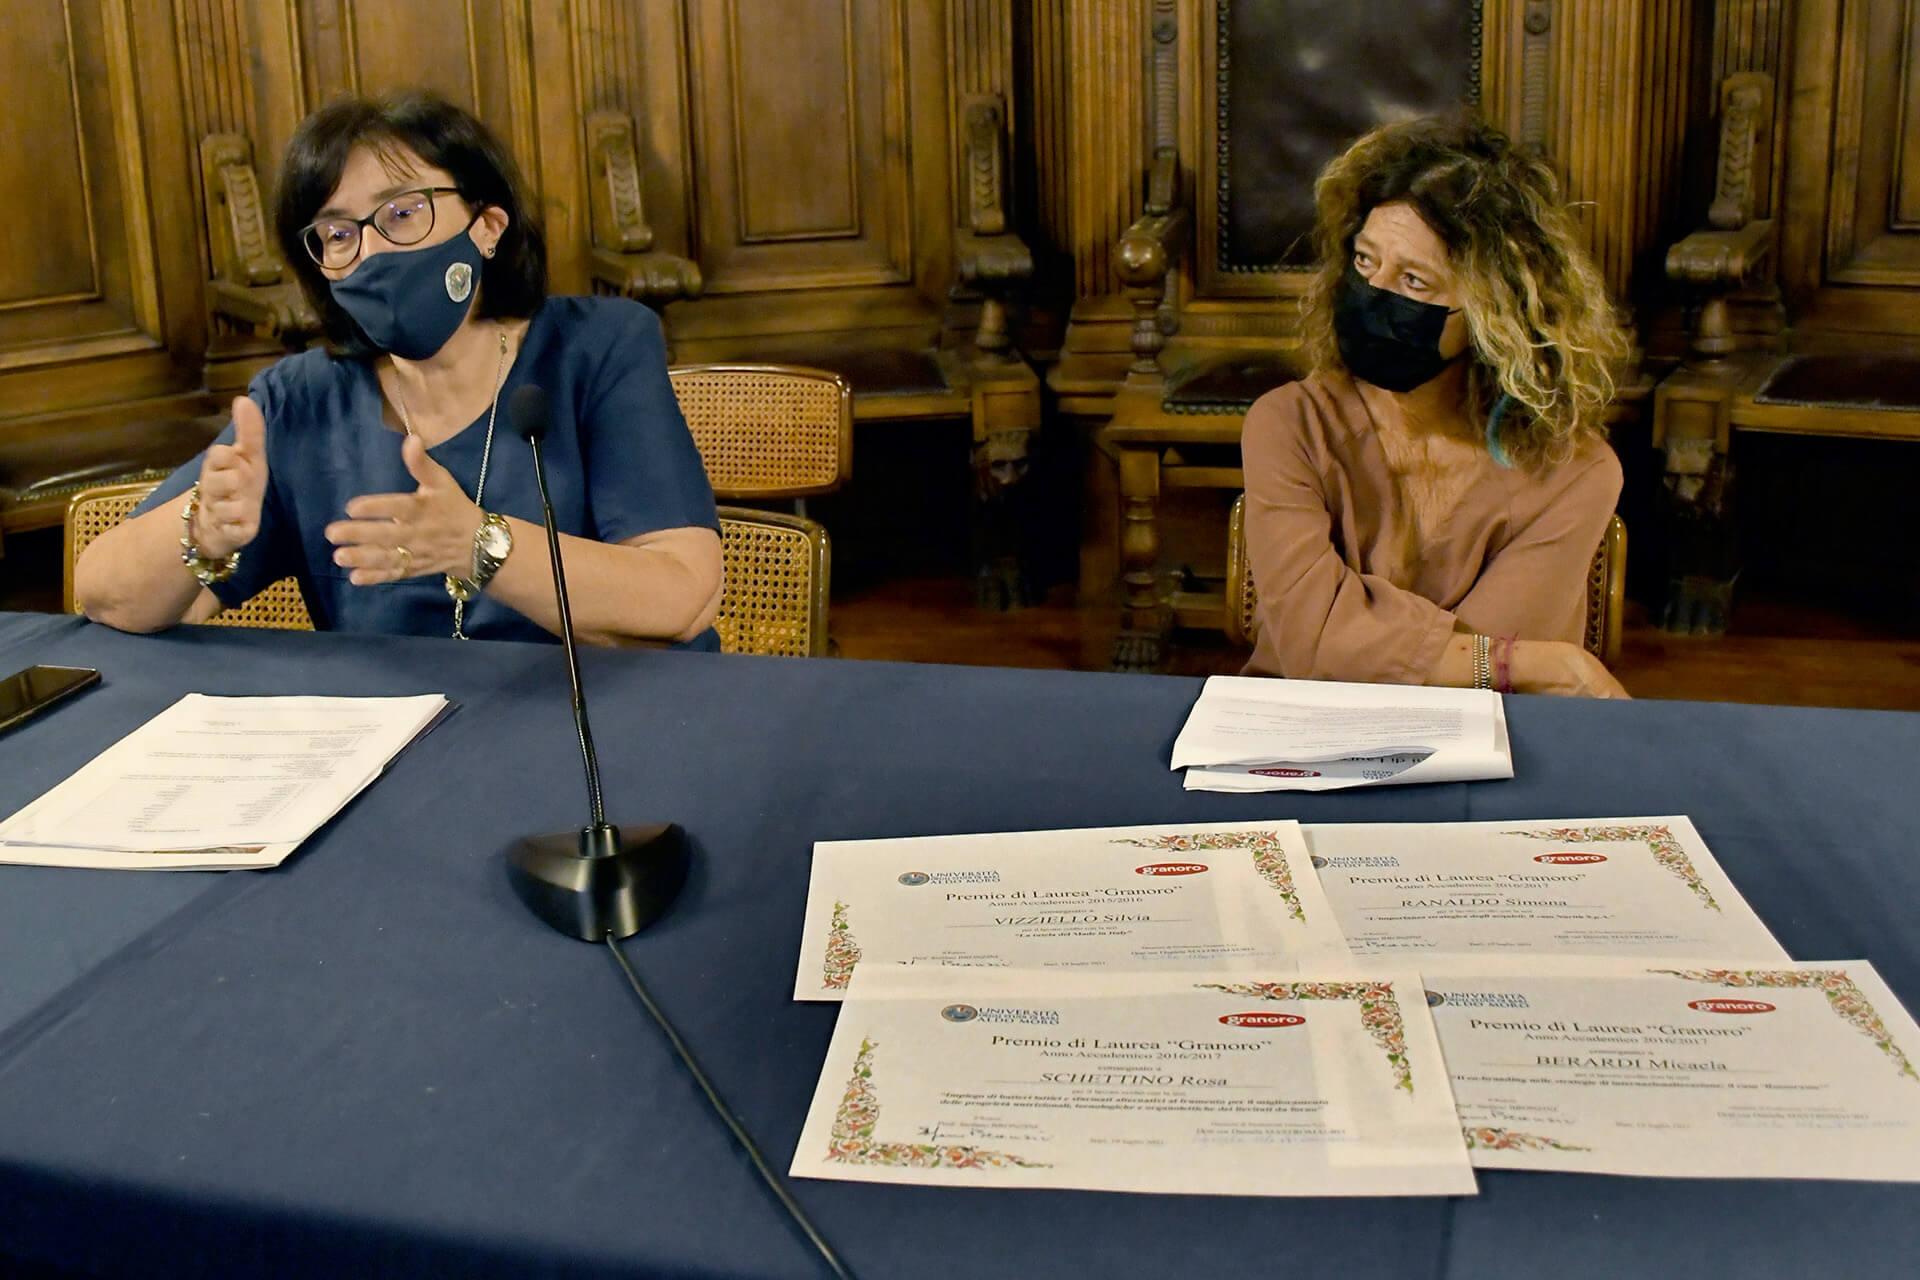 """III edizione dei """"Premi di laurea Granoro"""", premiati 10 laureati dell'Ateneo Barese"""